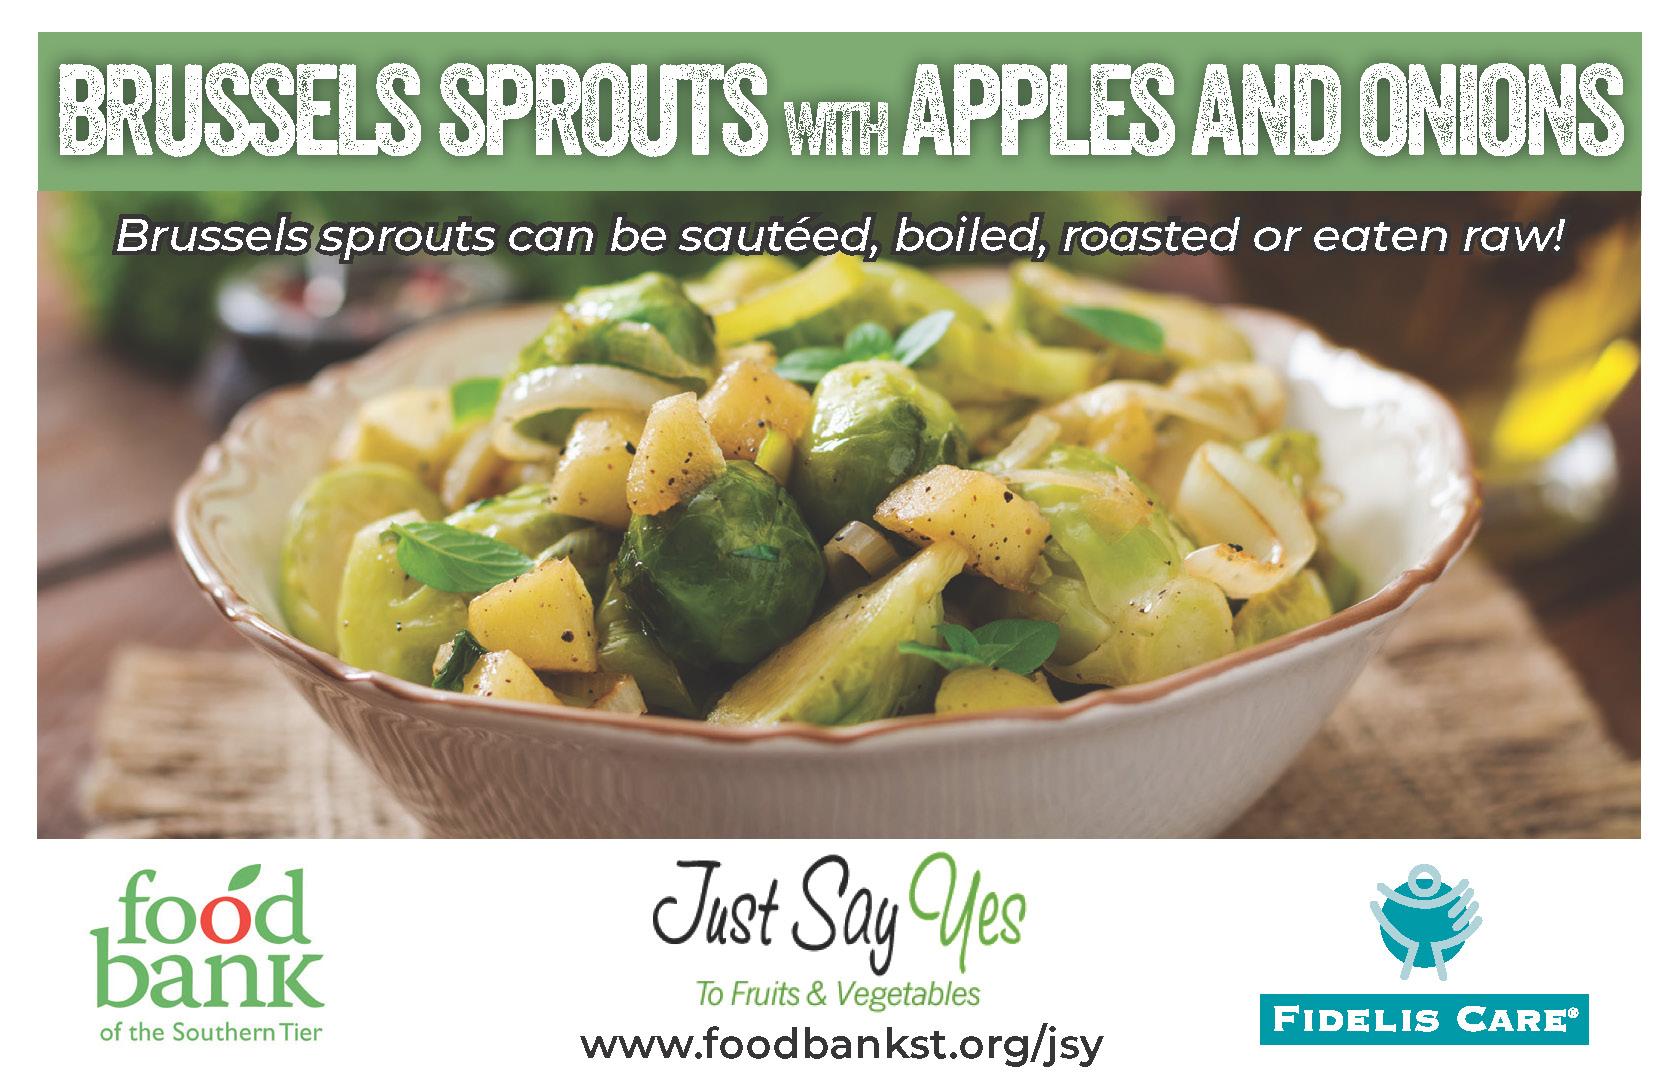 brussels apple onions - JSY